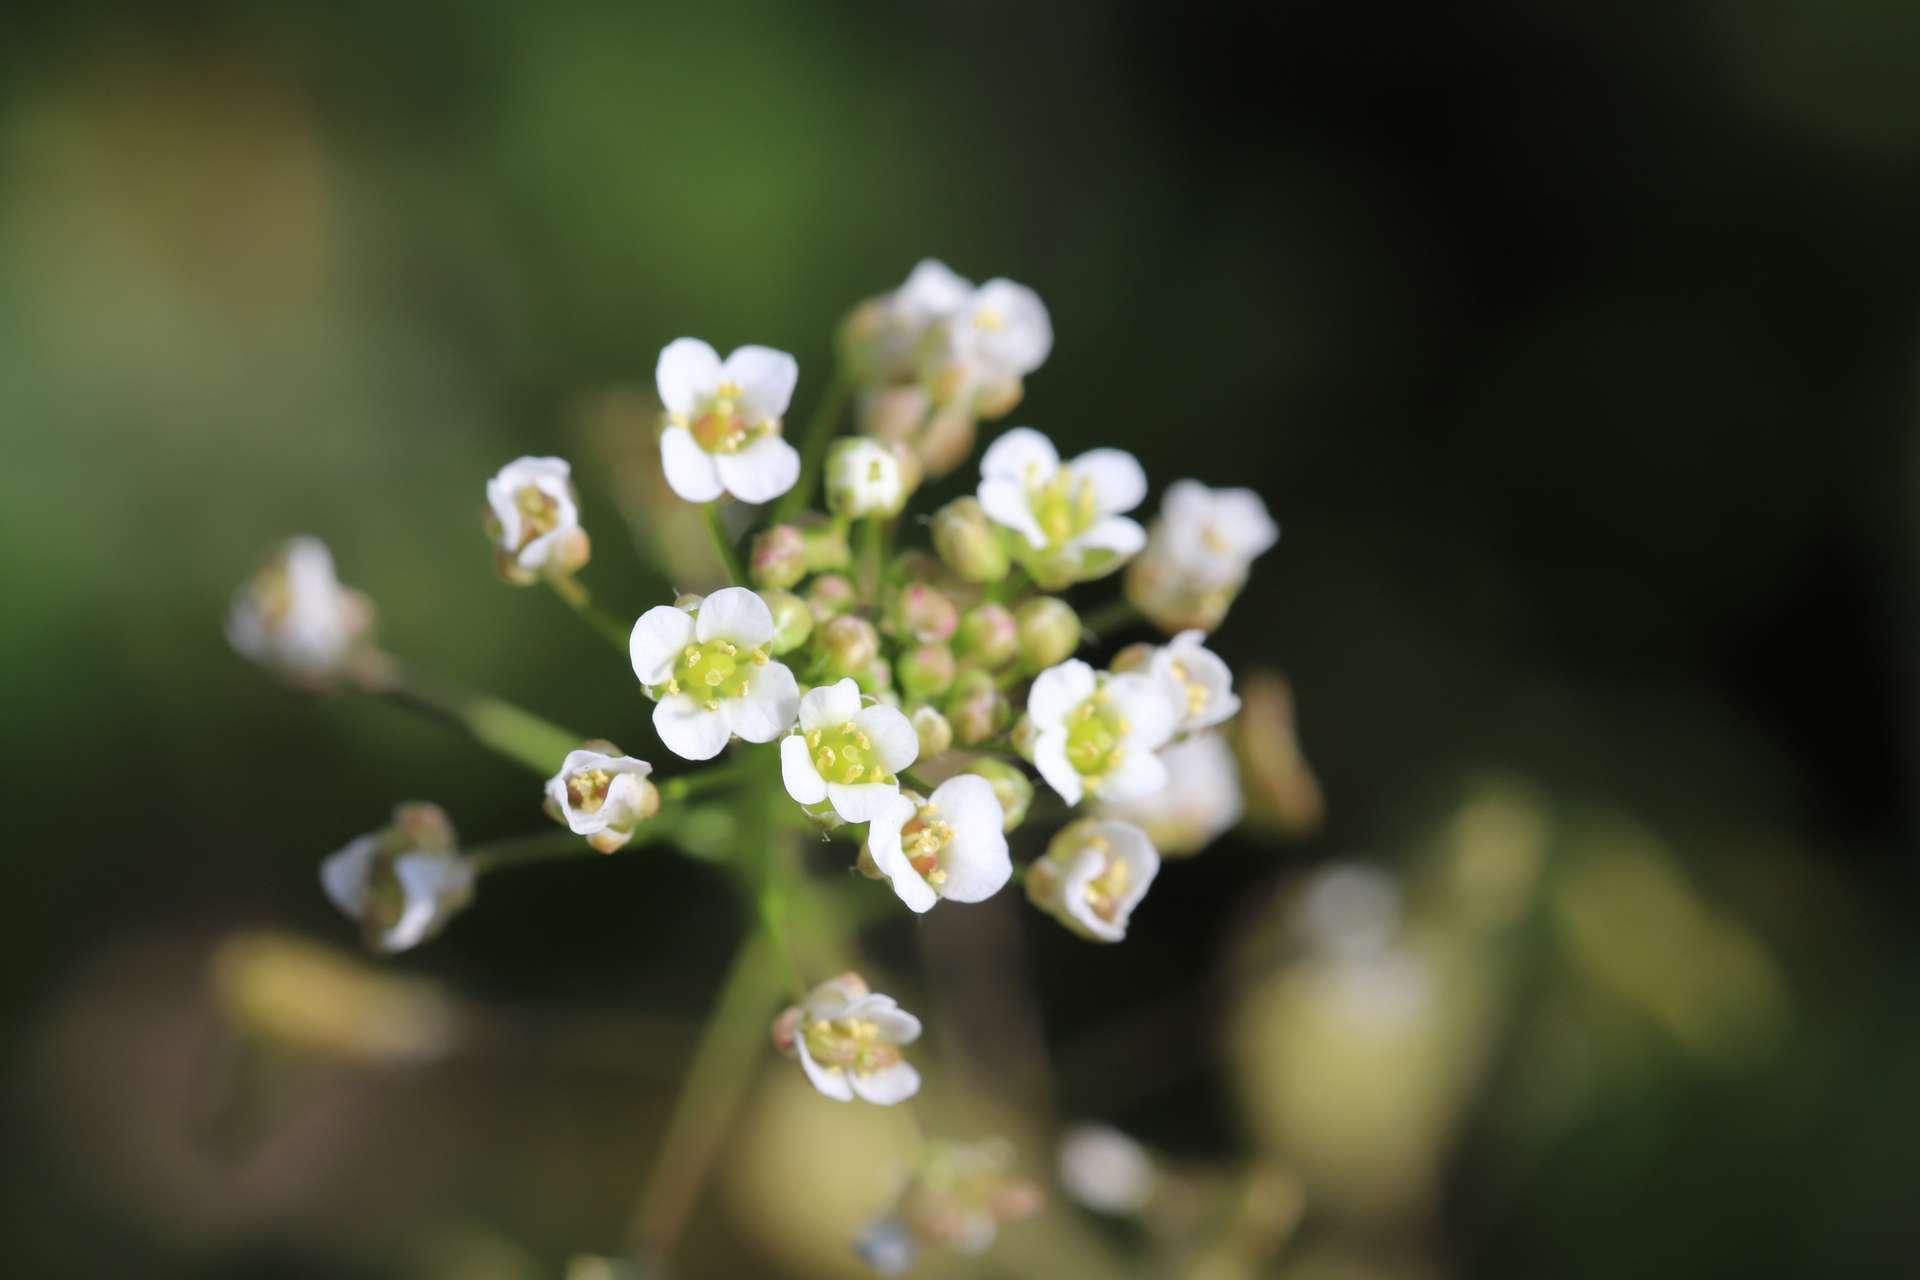 Les scientifiques ont utilisé la plante modèle Arabidopsis thaliana pour ces expériences. © 俊朗 浅川, Adobe Stock